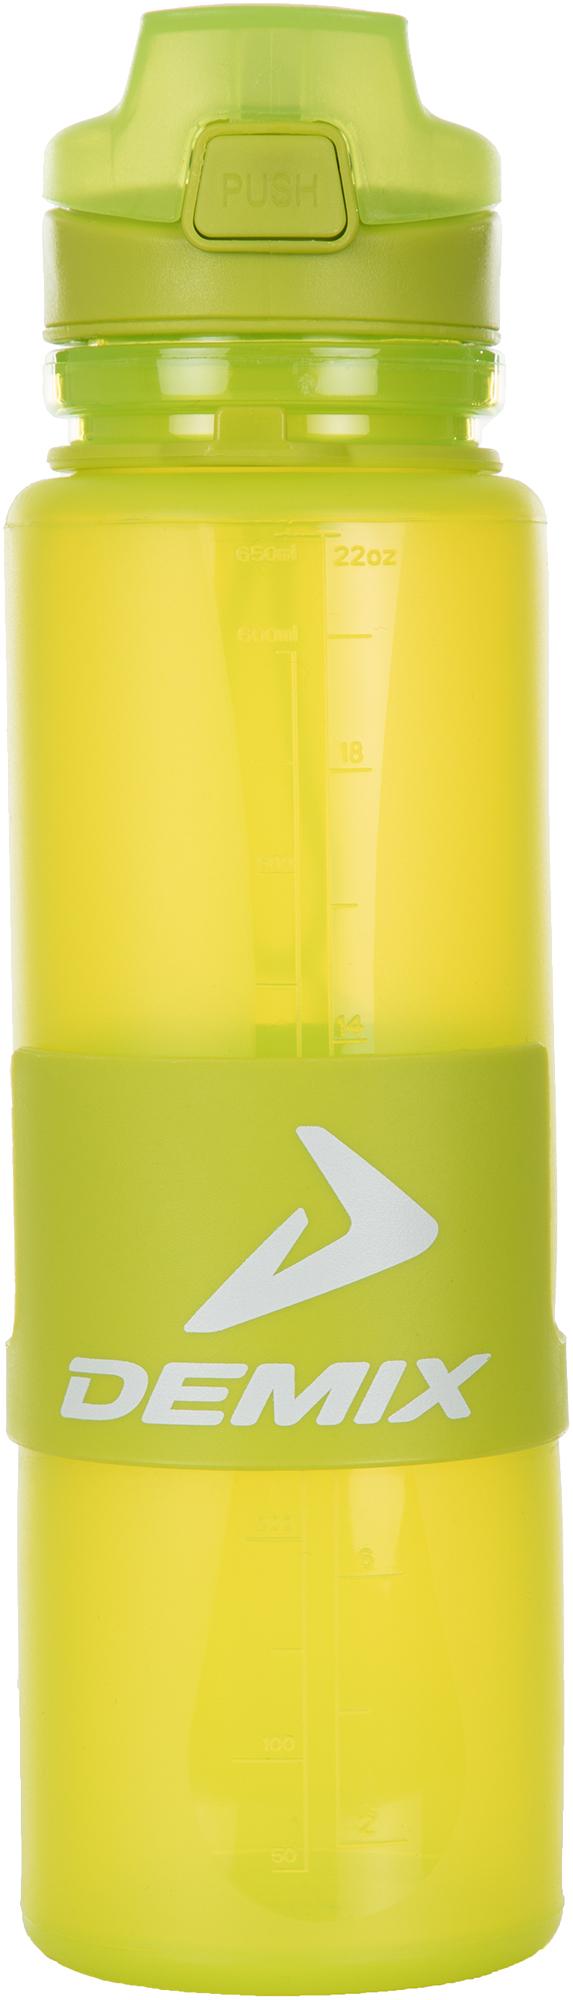 Demix Бутылка для воды Demix, 650 мл